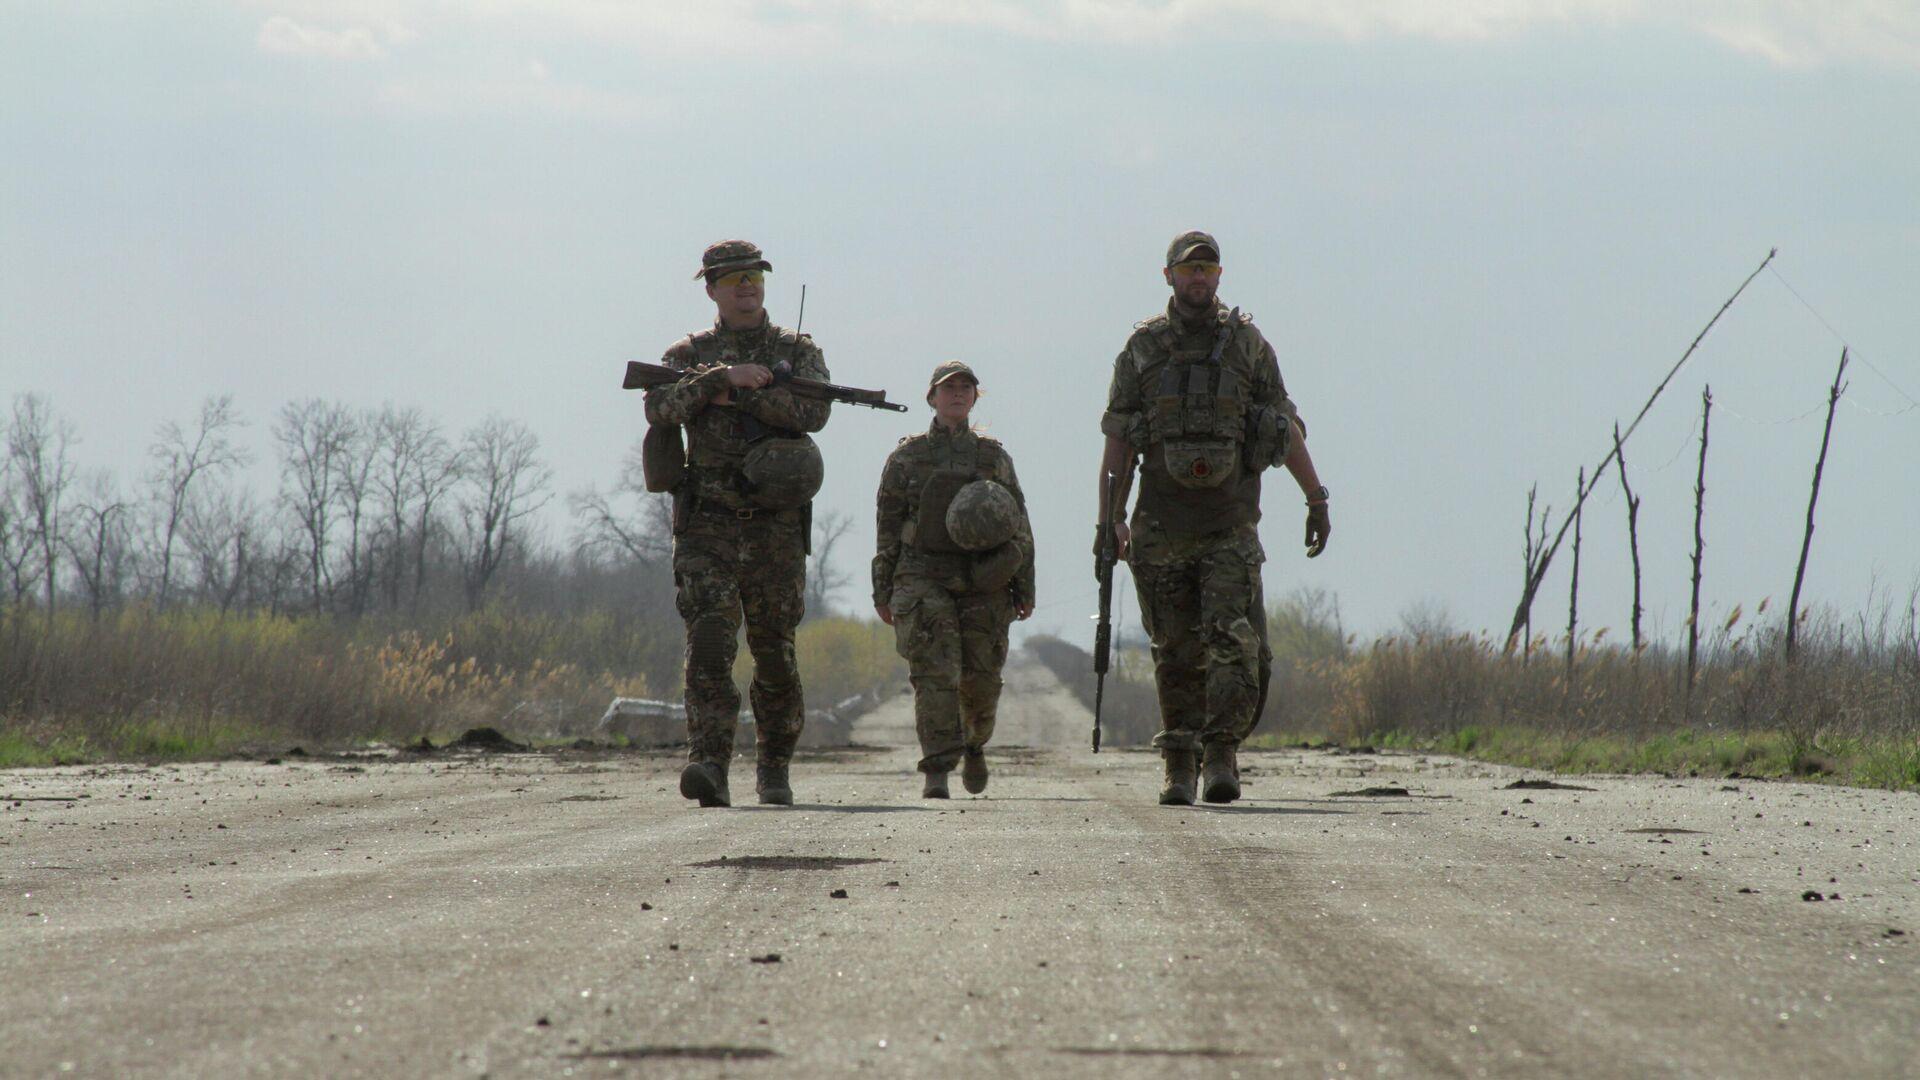 Украинские военные на дороге в районе линии соприкосновения в Донецкой области - РИА Новости, 1920, 11.06.2021